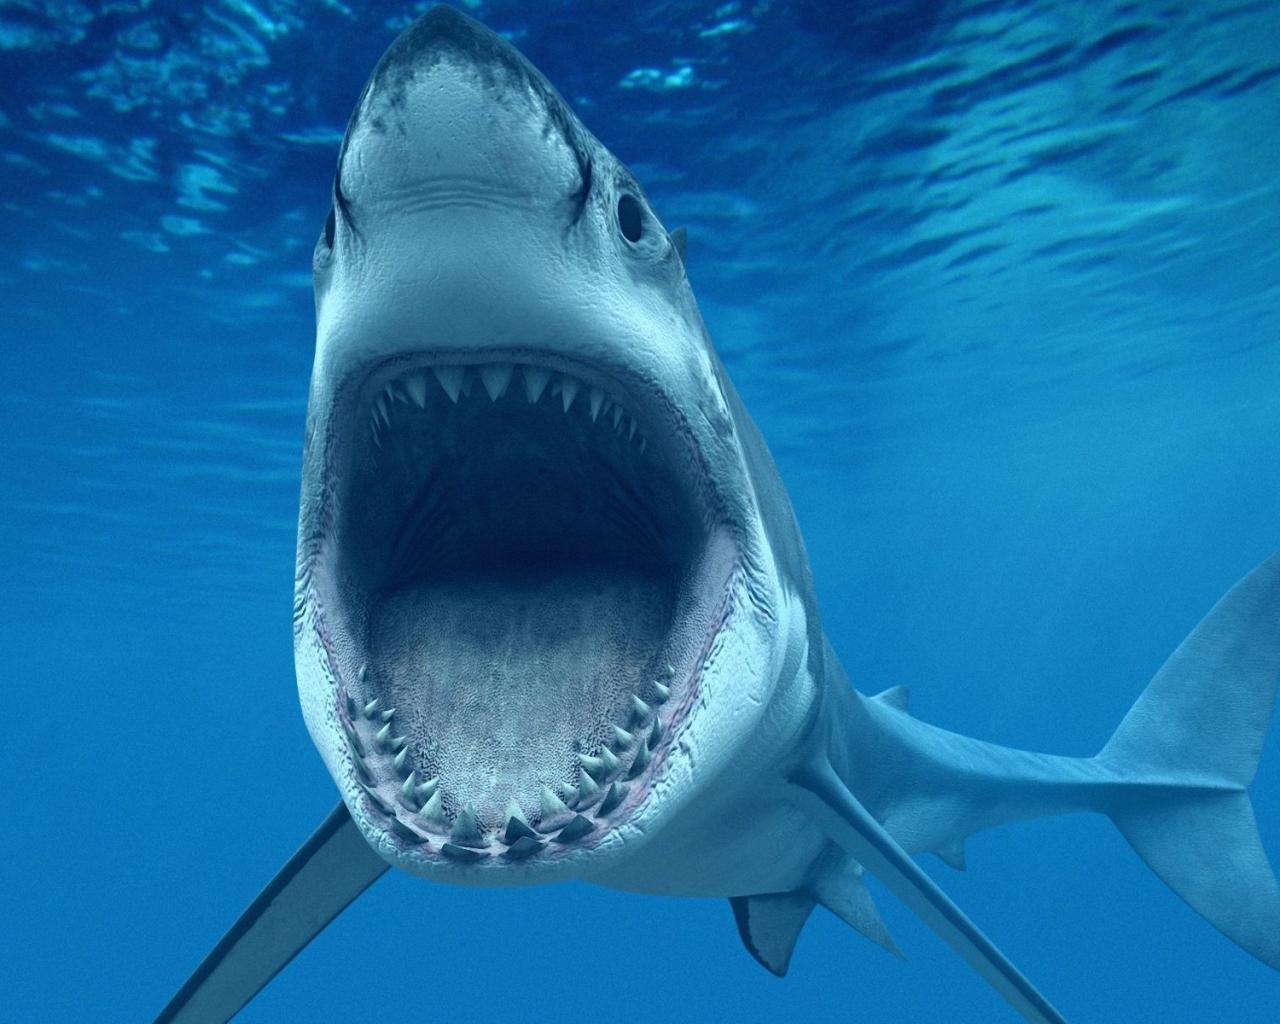 Un tiburón hambriento - 1280x1024